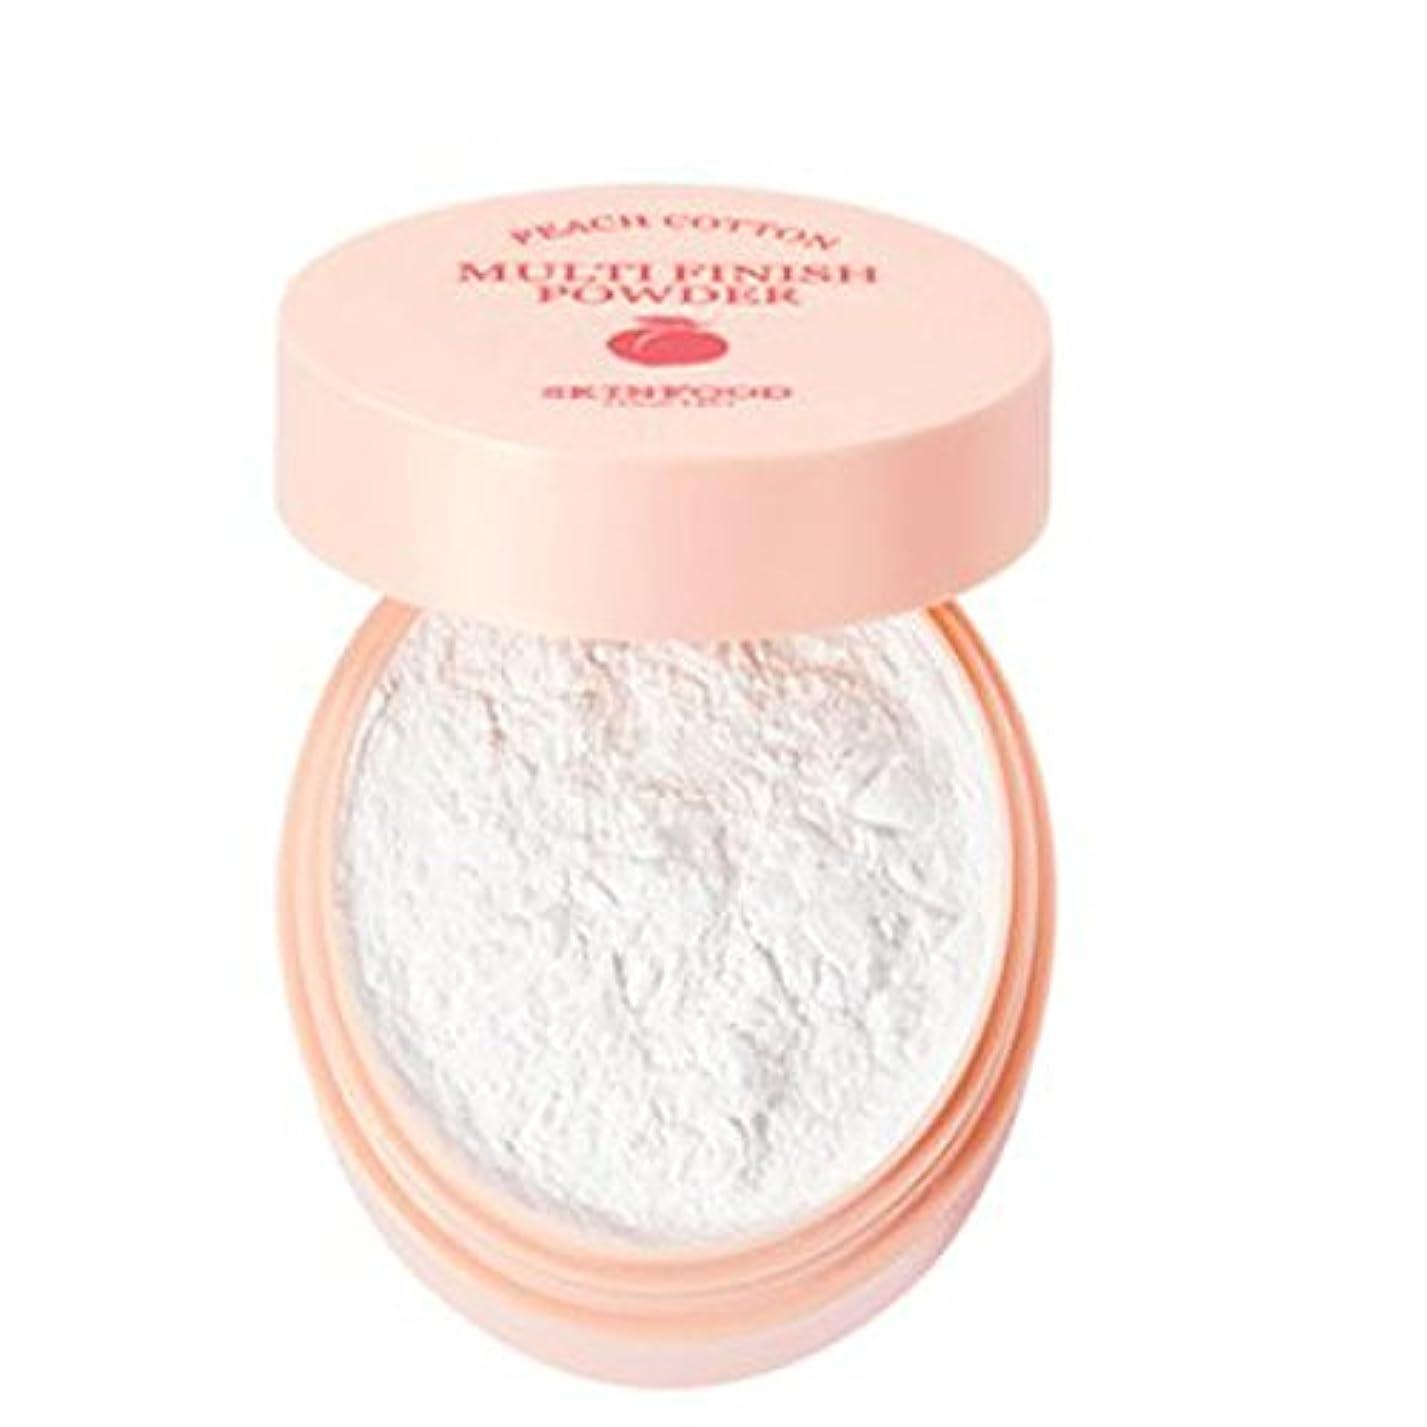 広々永久に強打[SKINFOOD] Peach Cotton Multi Finish Powder ピッチサラッとマルチフィニッシュパウダー - 5g